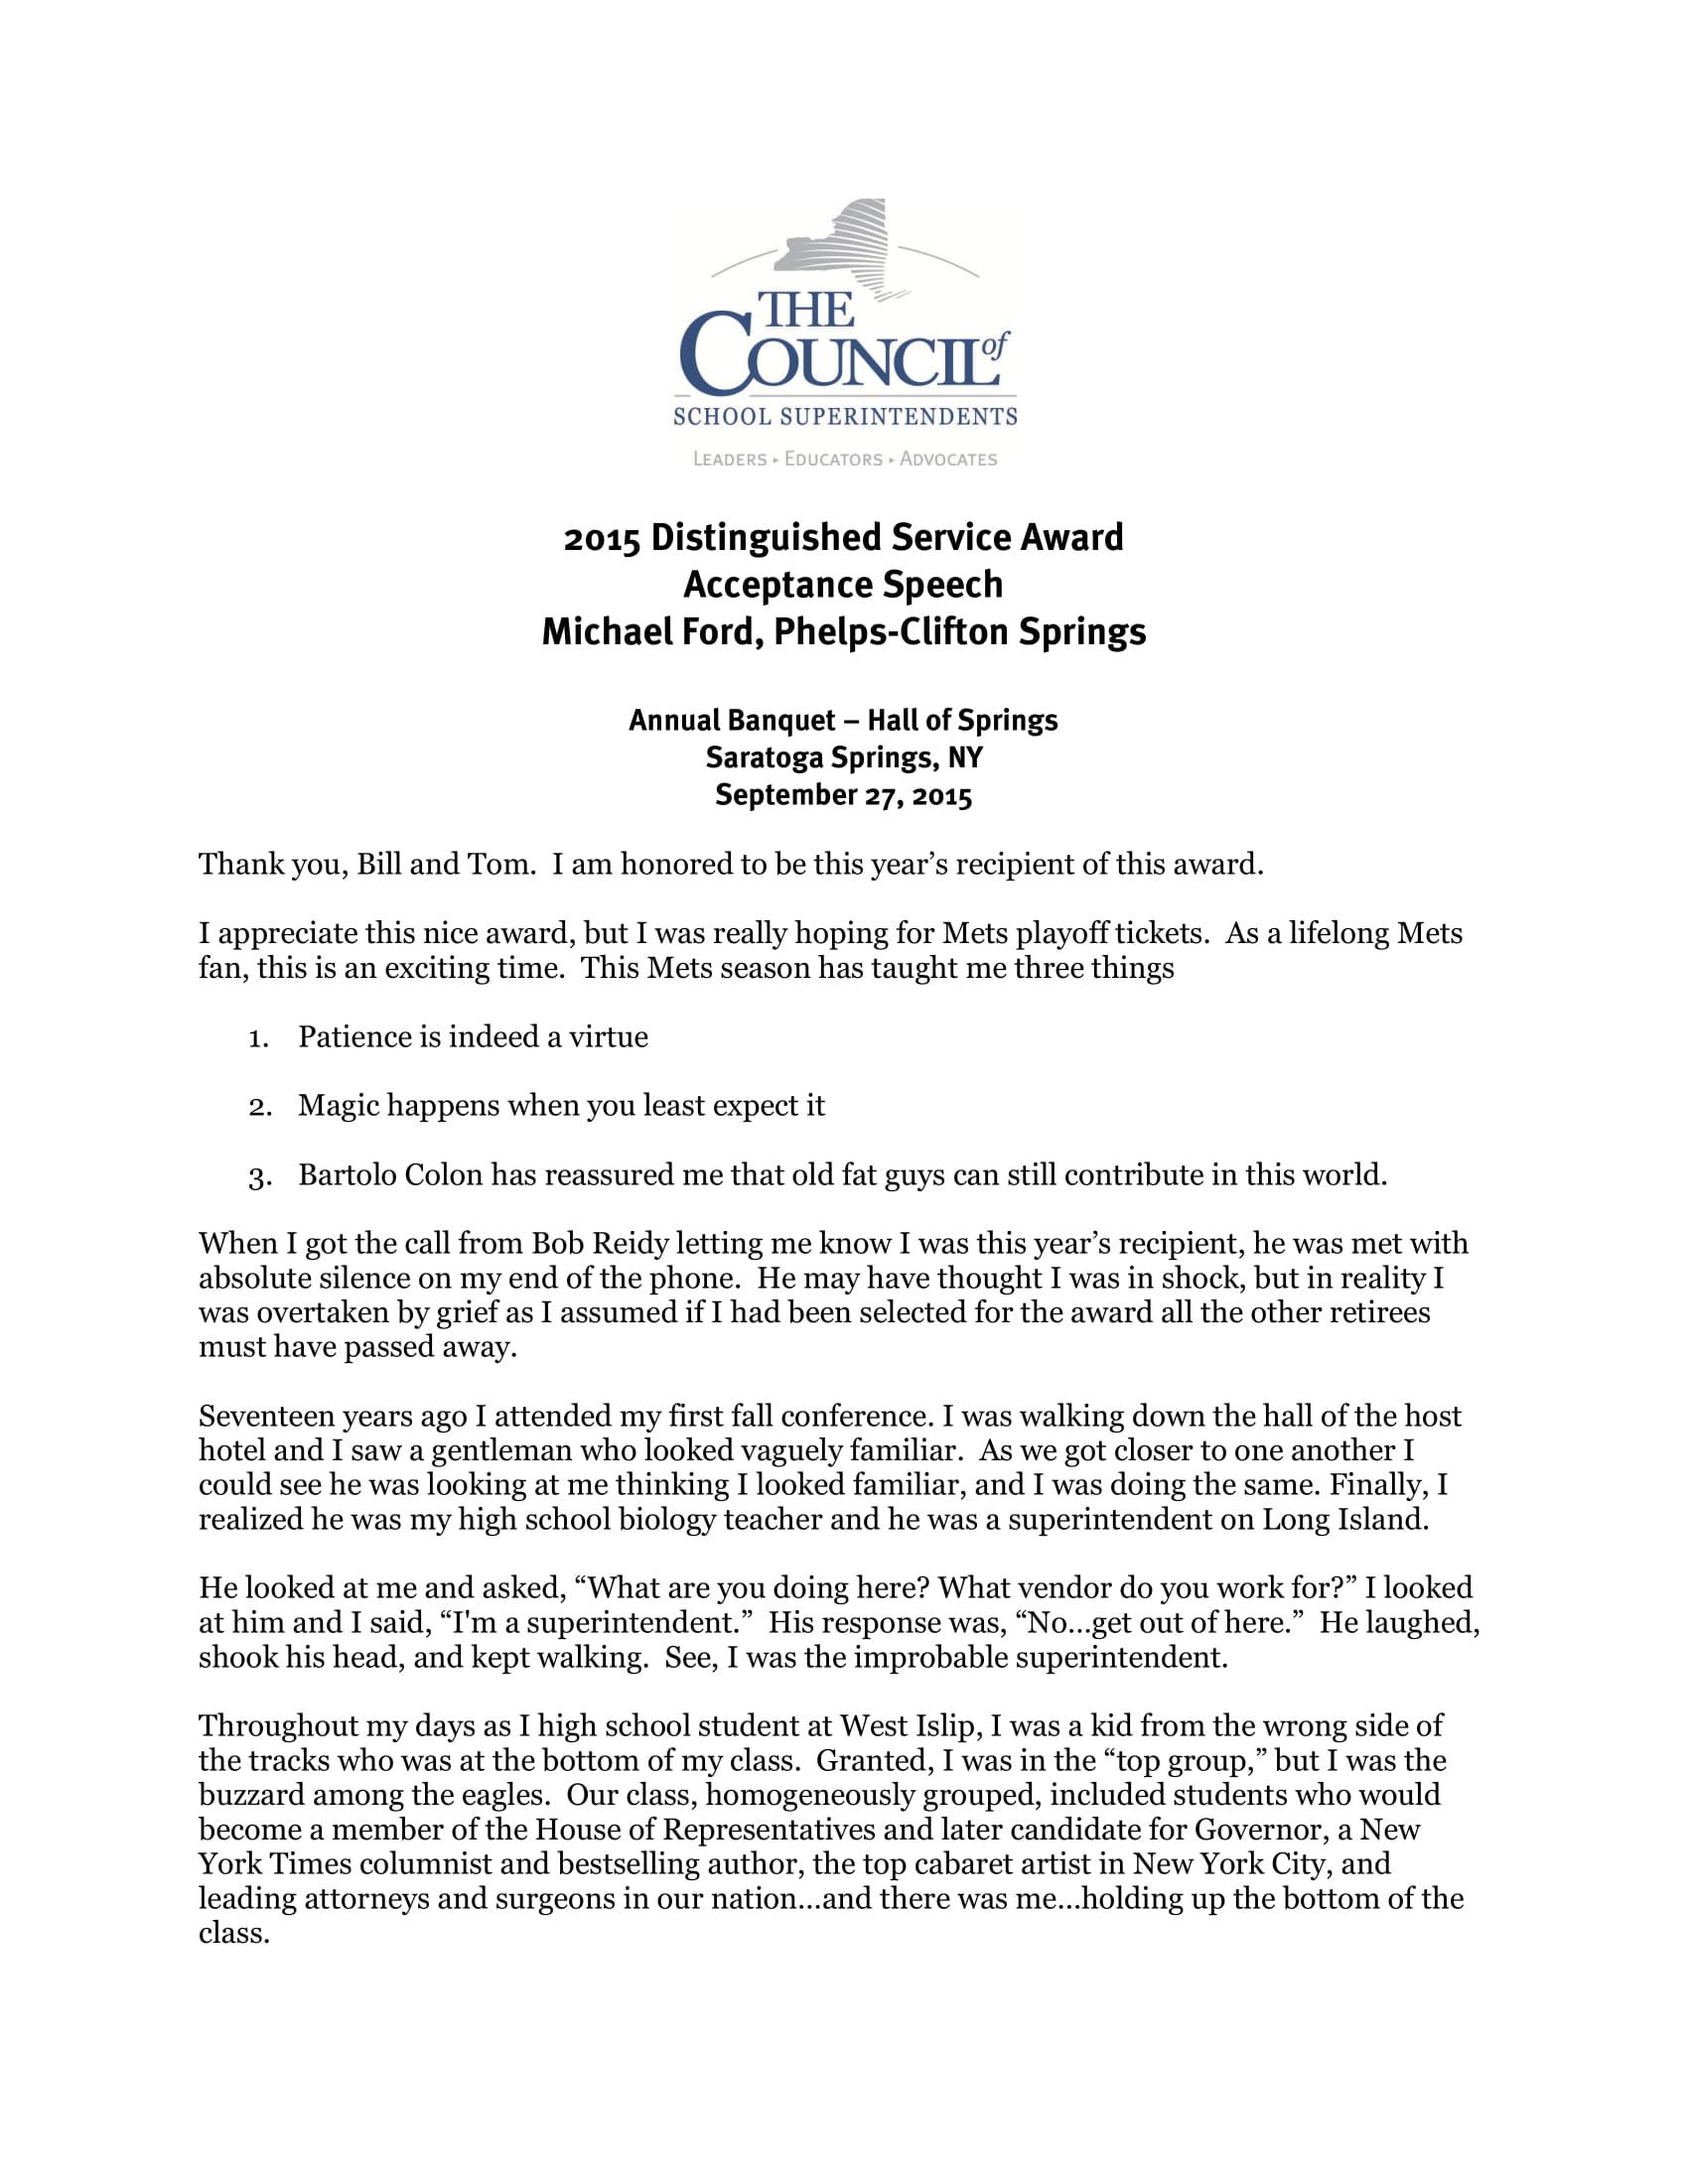 Service academy nomination essay